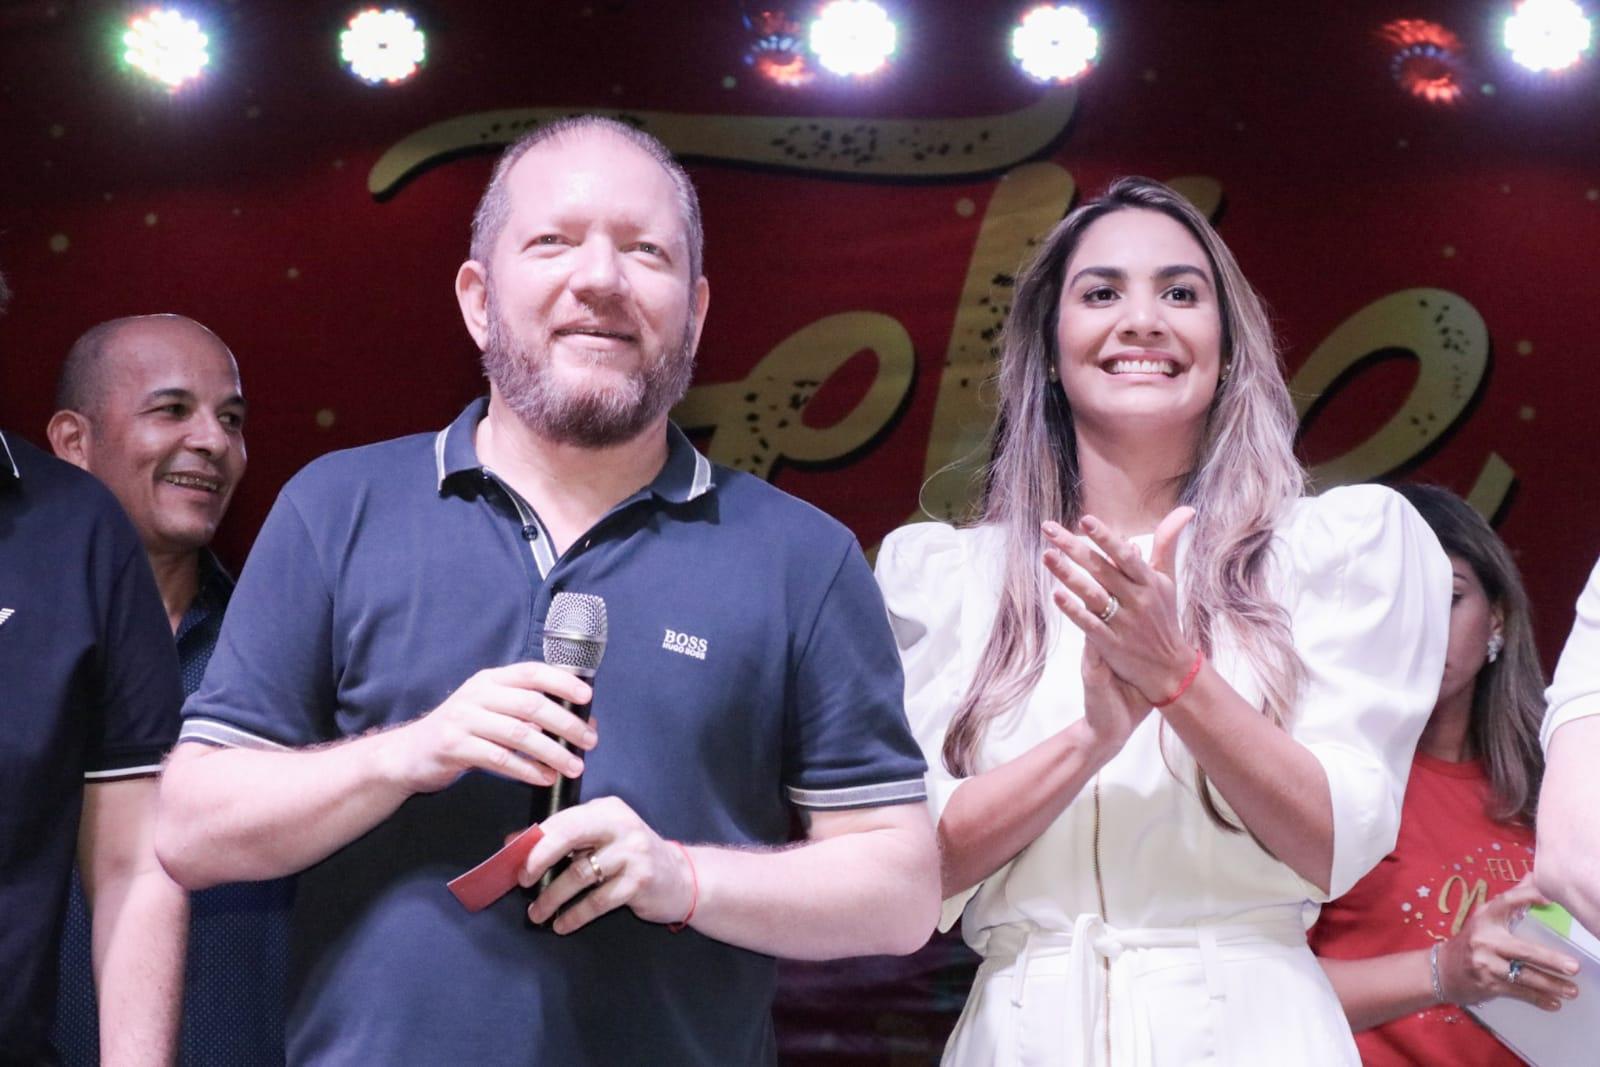 No palco, o presidente da Assembleia, deputado Othelino Neto, e a presidente do Gedema, Ana Paula Lobato, desejaram um feliz Natal aos deputados e servidores